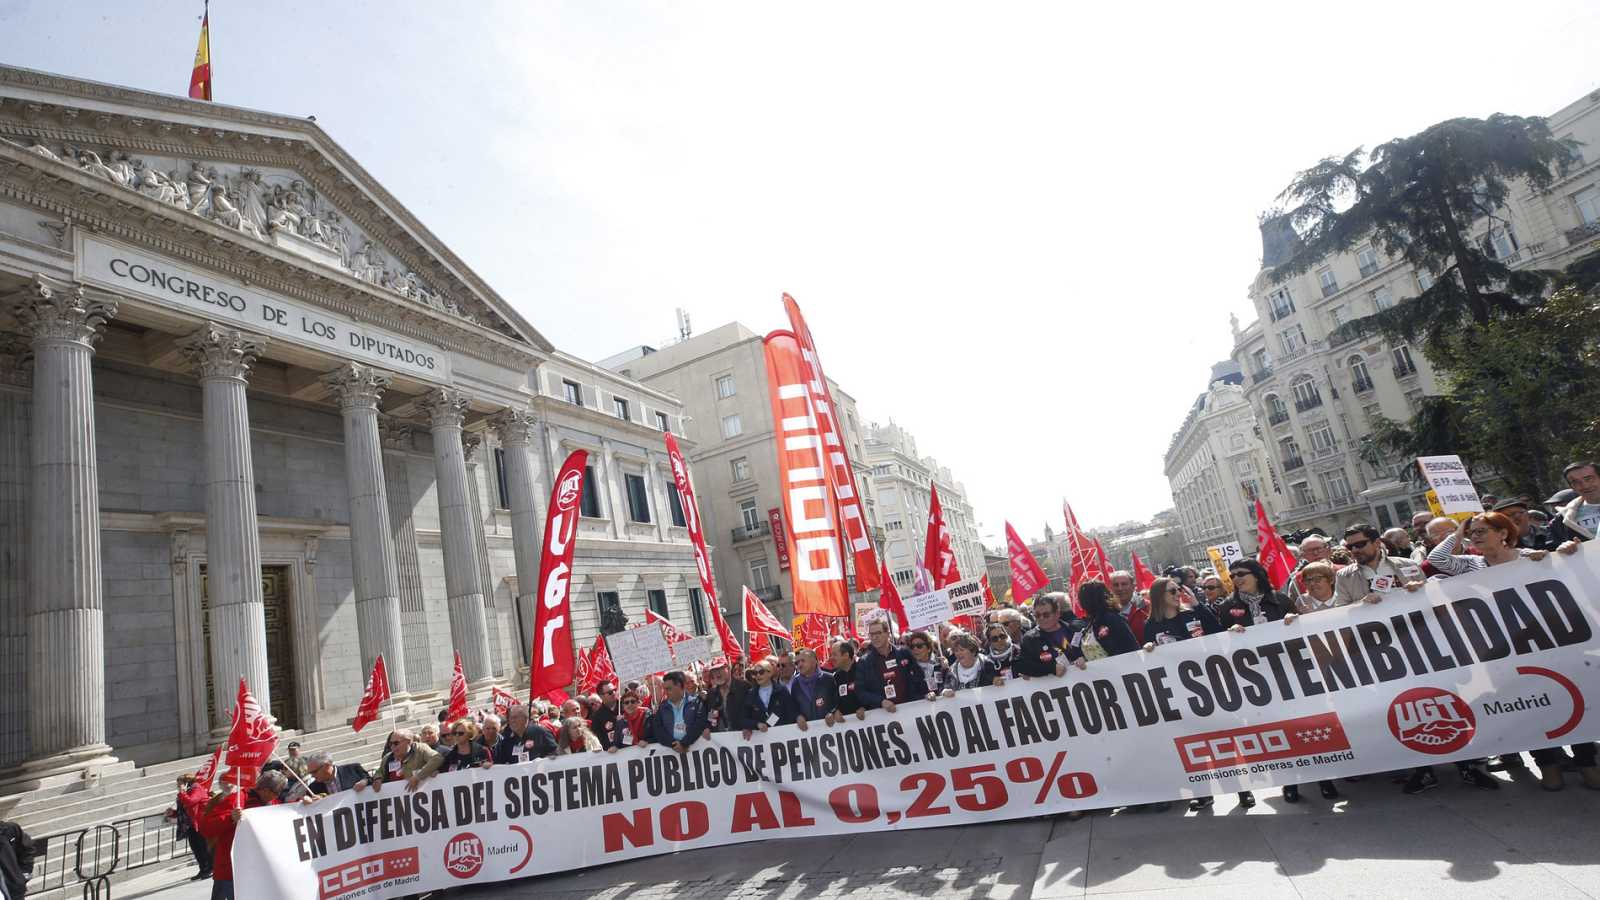 Ccoo y ugt vuelven a salir a la calle para pedir que las pensiones se actualicen con el ipc - Actualizacion pension alimentos ipc ...